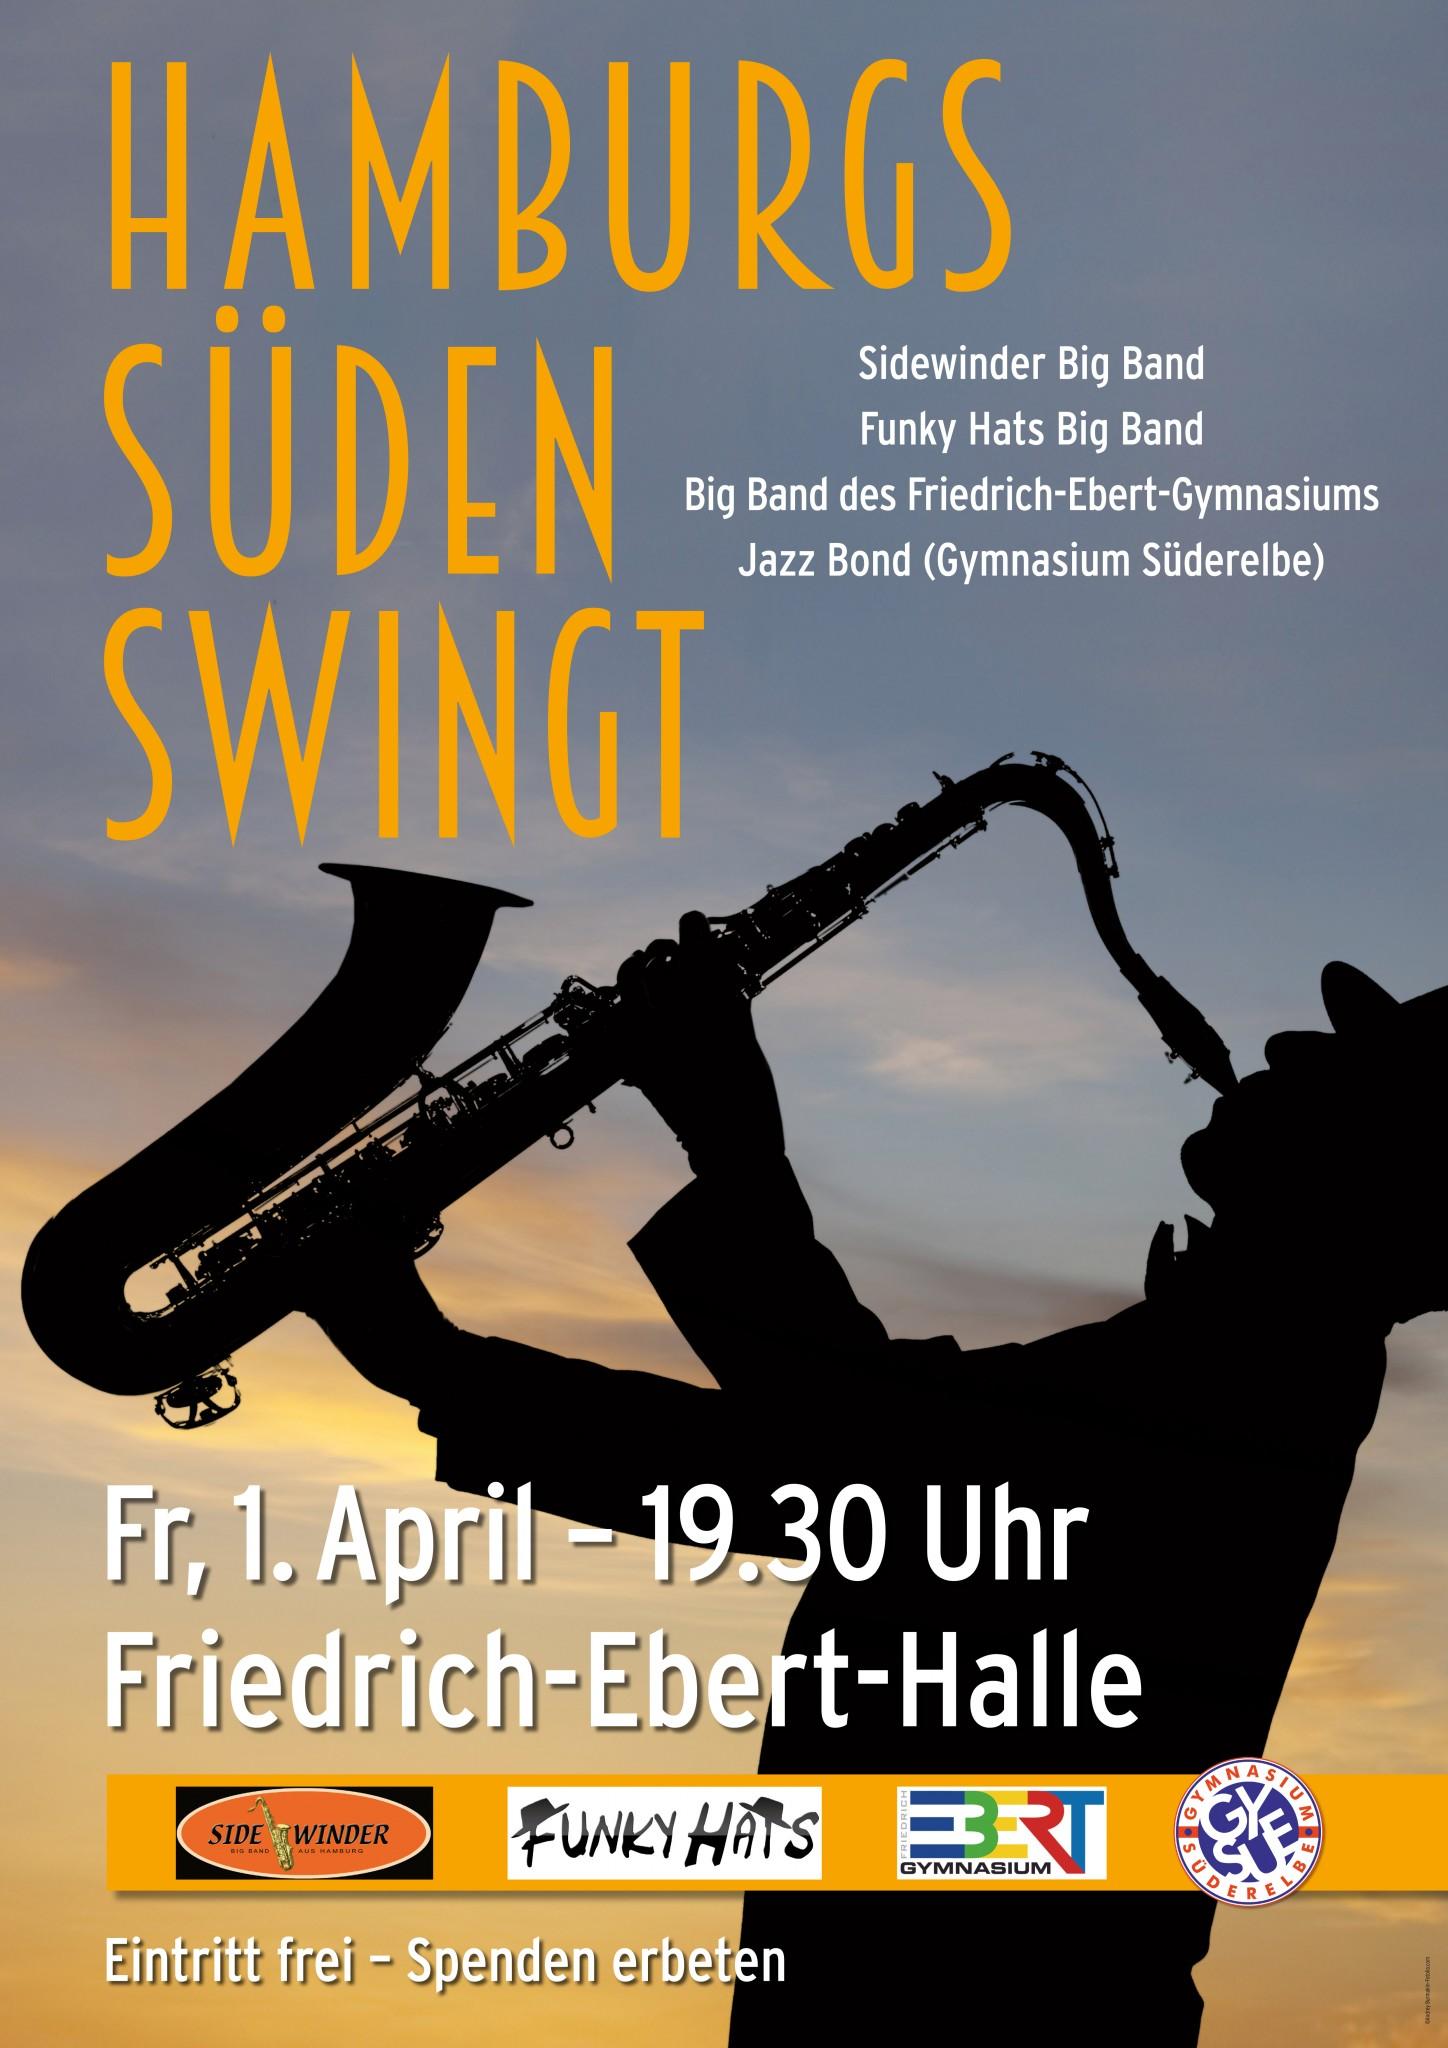 Plakat_Hamburgs Süden swingt_DinA2_2016